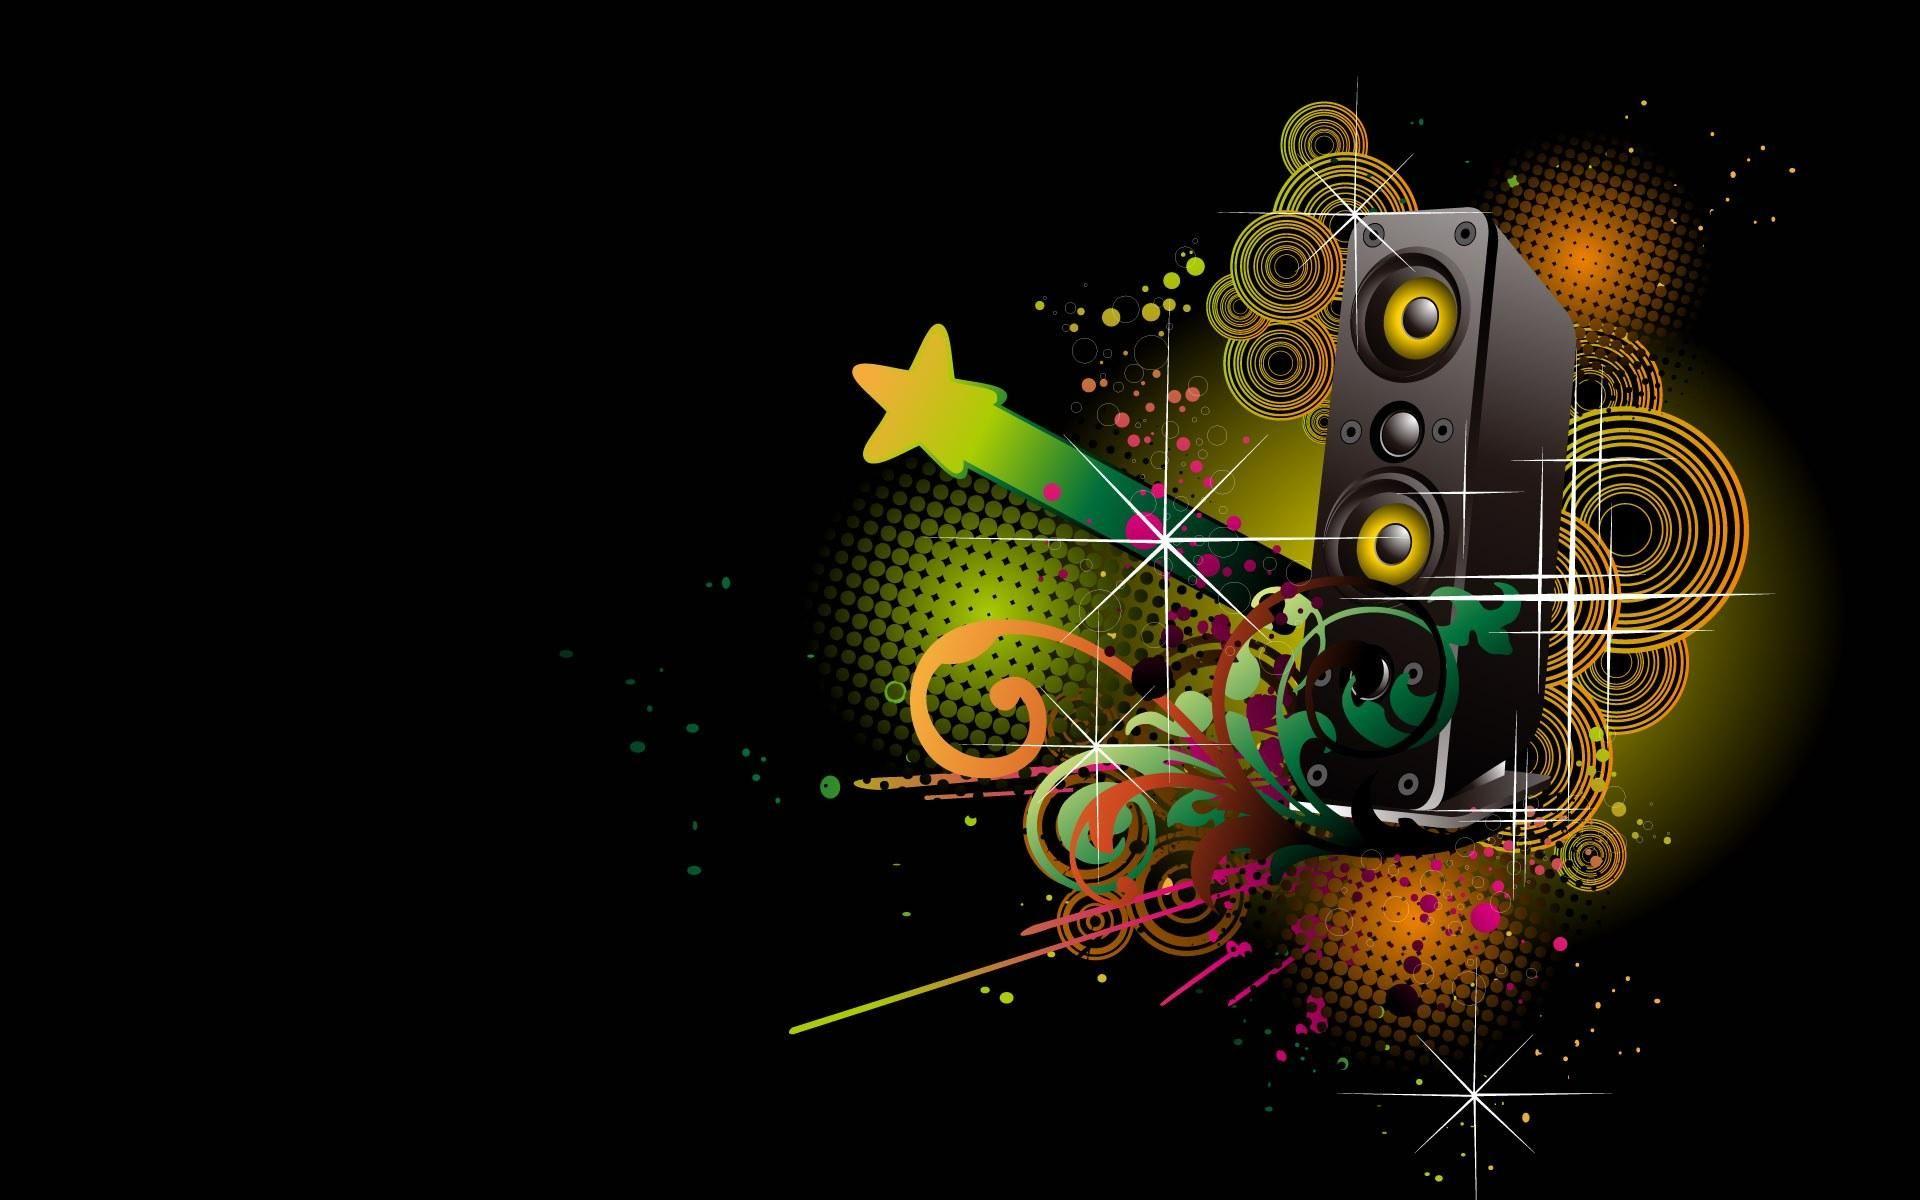 Speaker Music Wallpaper Http 69hdwallpapers Com Speaker Music Wallpaper Wallpaper Musik Wallpaper Seni Wallpaper Abstrak